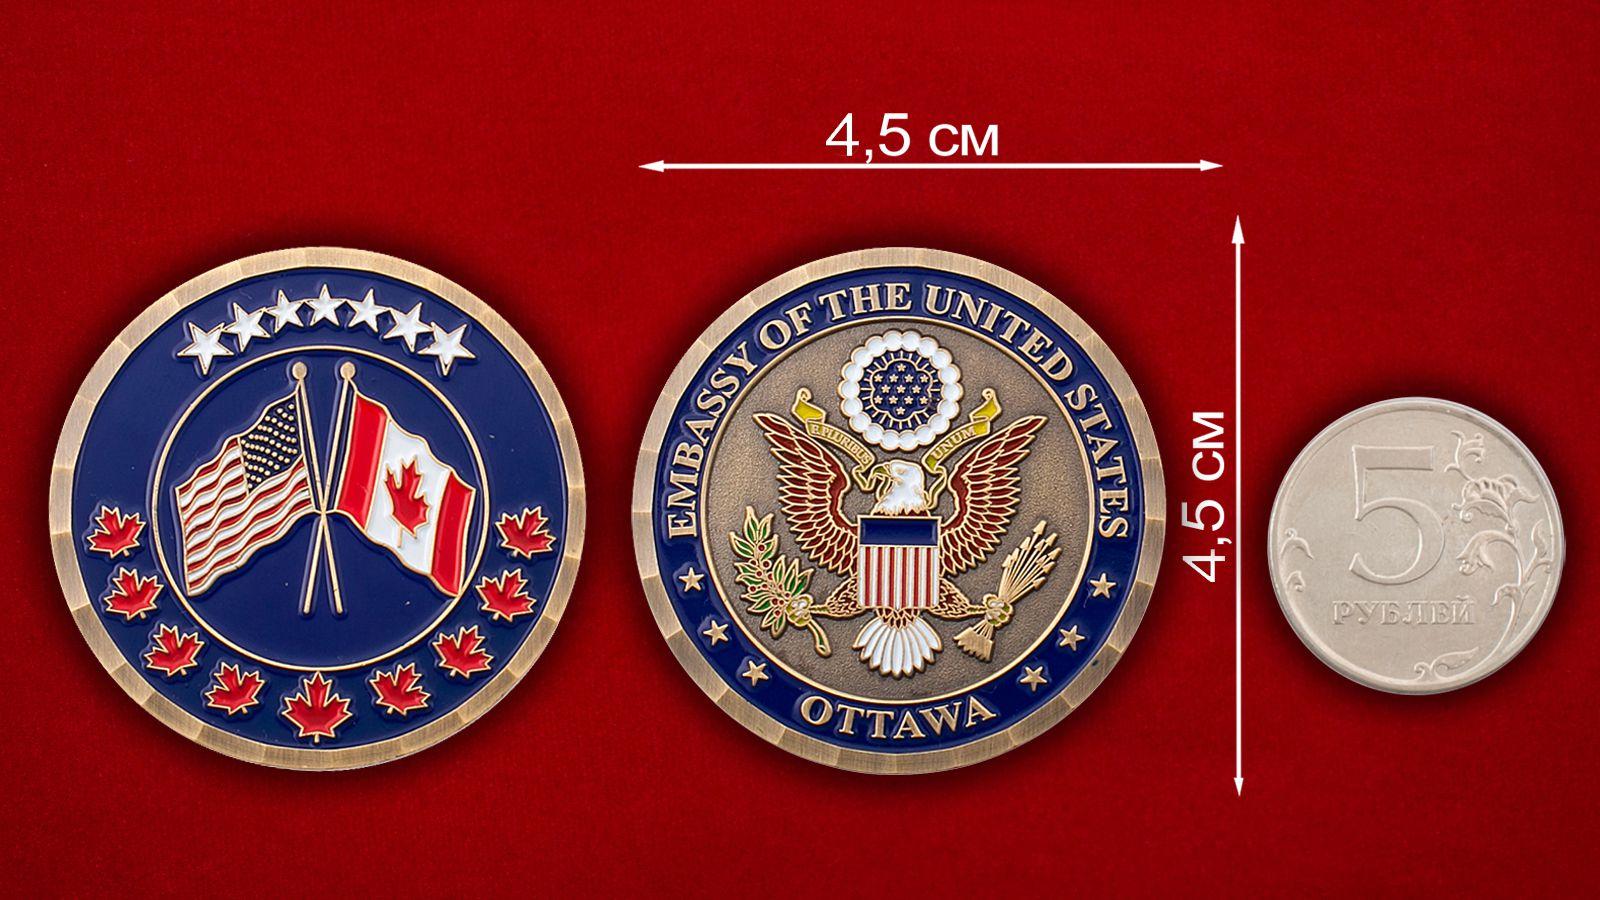 Челлендж коин Посольства США в Канаде - сравнительный размер